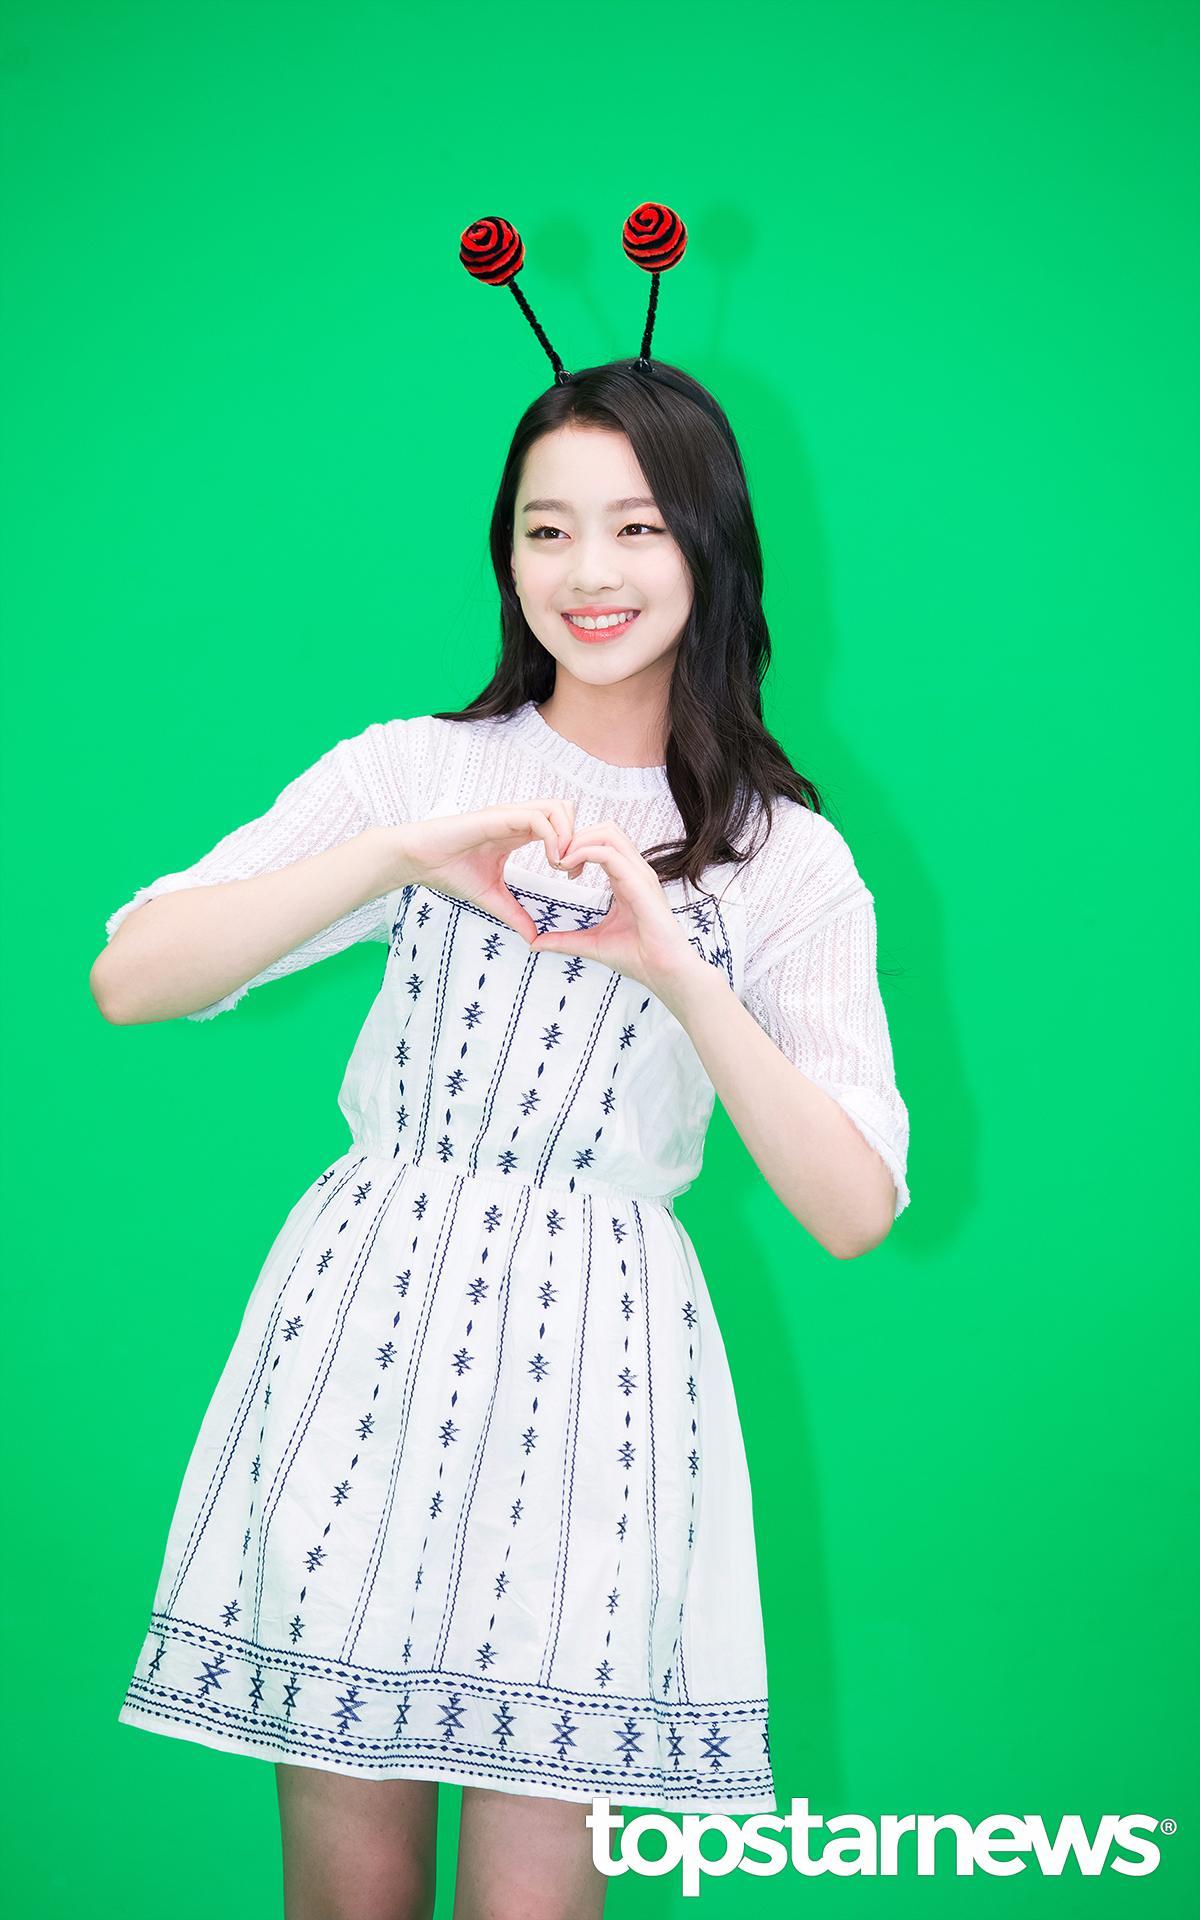 她之前也被稱為「女版劉在錫」,但不是因為外貌長得像劉在錫啦(笑)而是因為她的主持功力…?